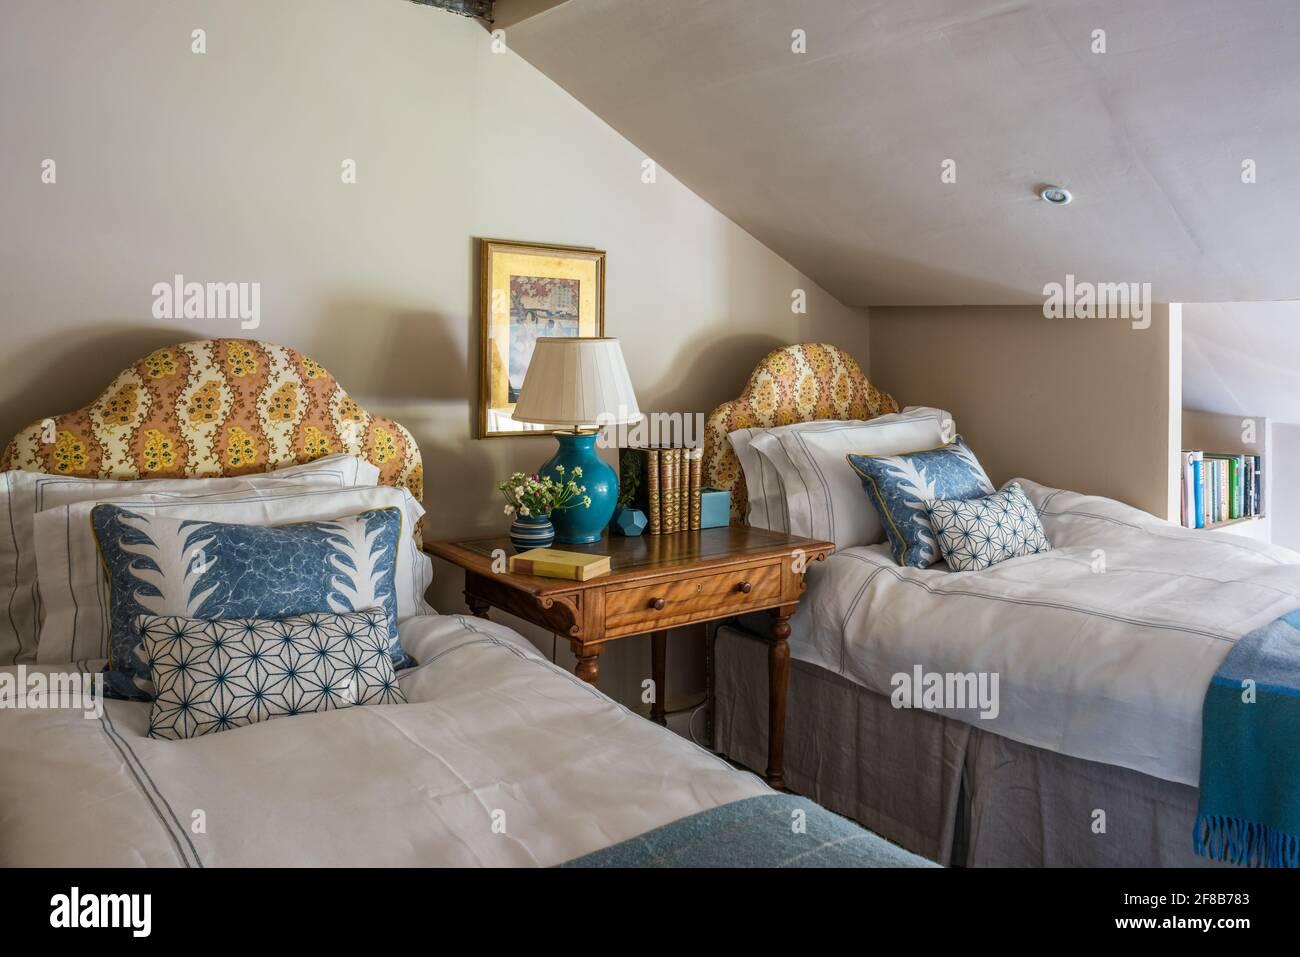 Têtes de lit en tissu George Spencer avec murs en « Silken Flank » Chambre avec lits jumeaux de la ferme Suffolk classée Grade II Banque D'Images